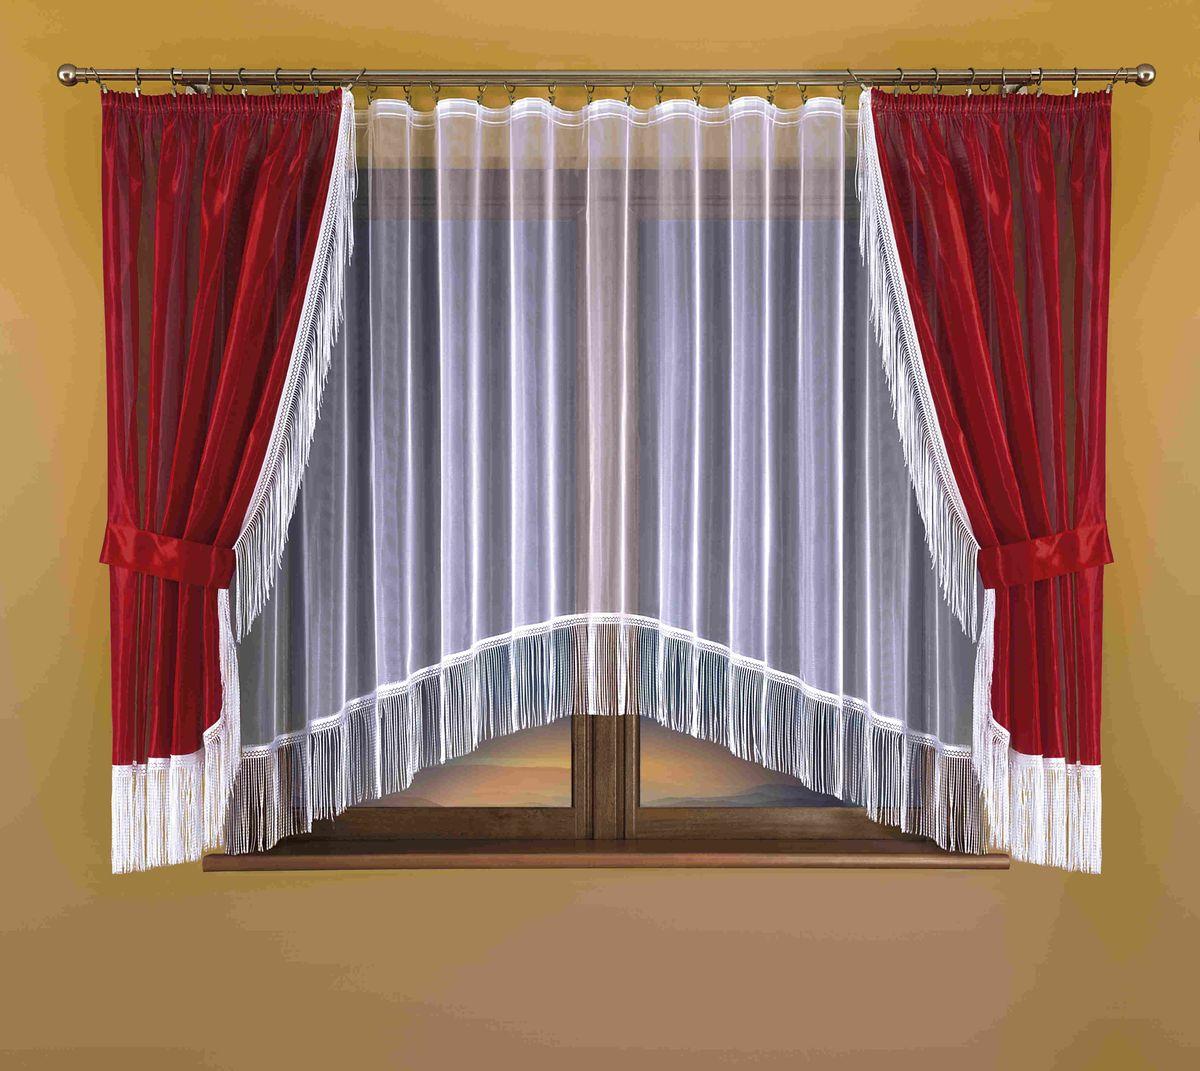 Комплект штор для кухни Wisan Hana, на ленте, цвет: белый, бордо, высота 170 см комплект штор для кухни wisan на ленте цвет белый черный высота 250 см 3384